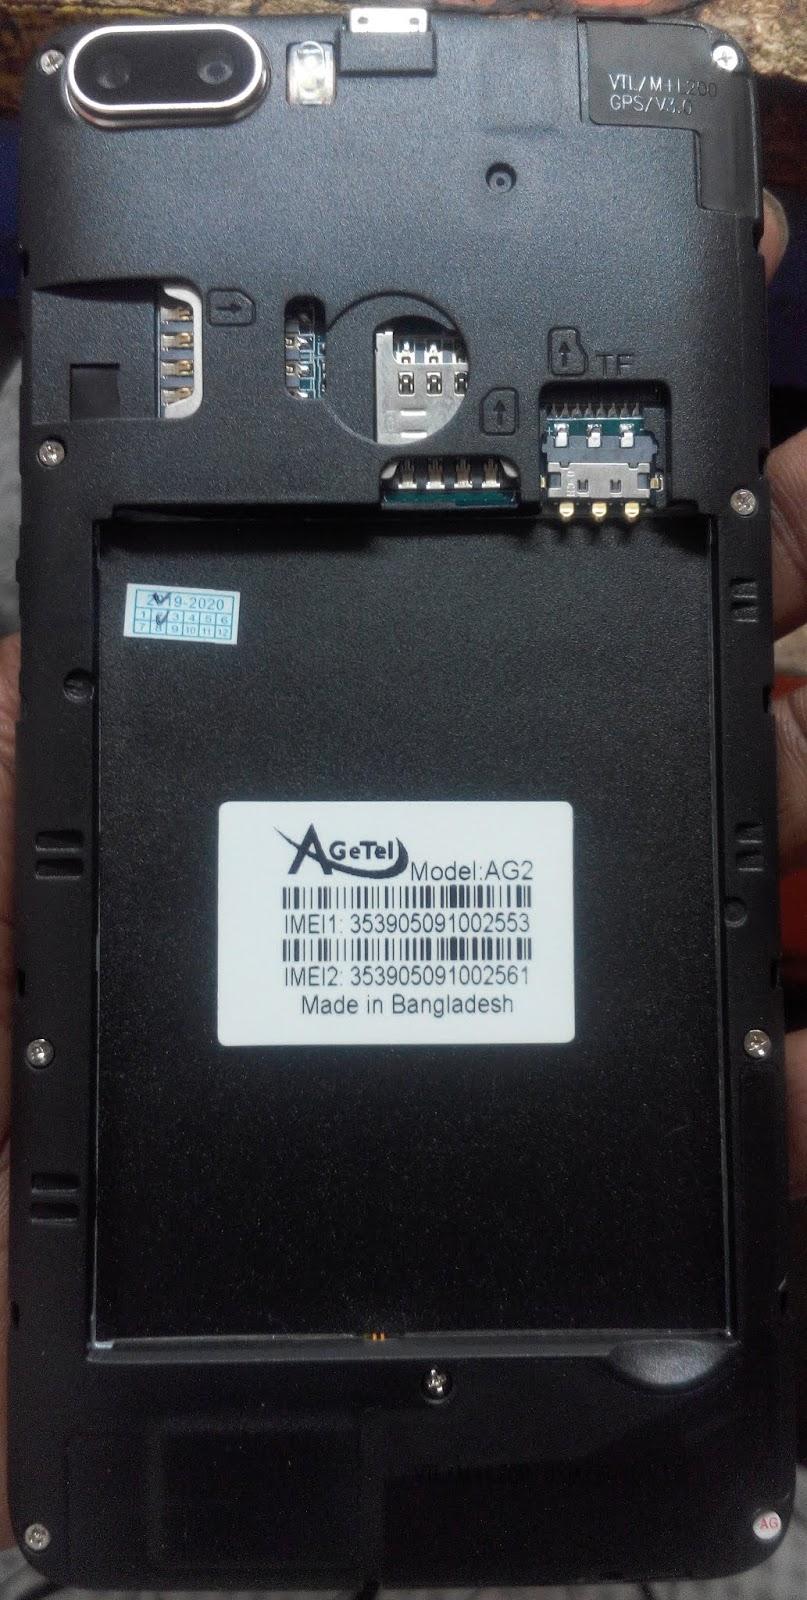 Agetel AG2 Flash File